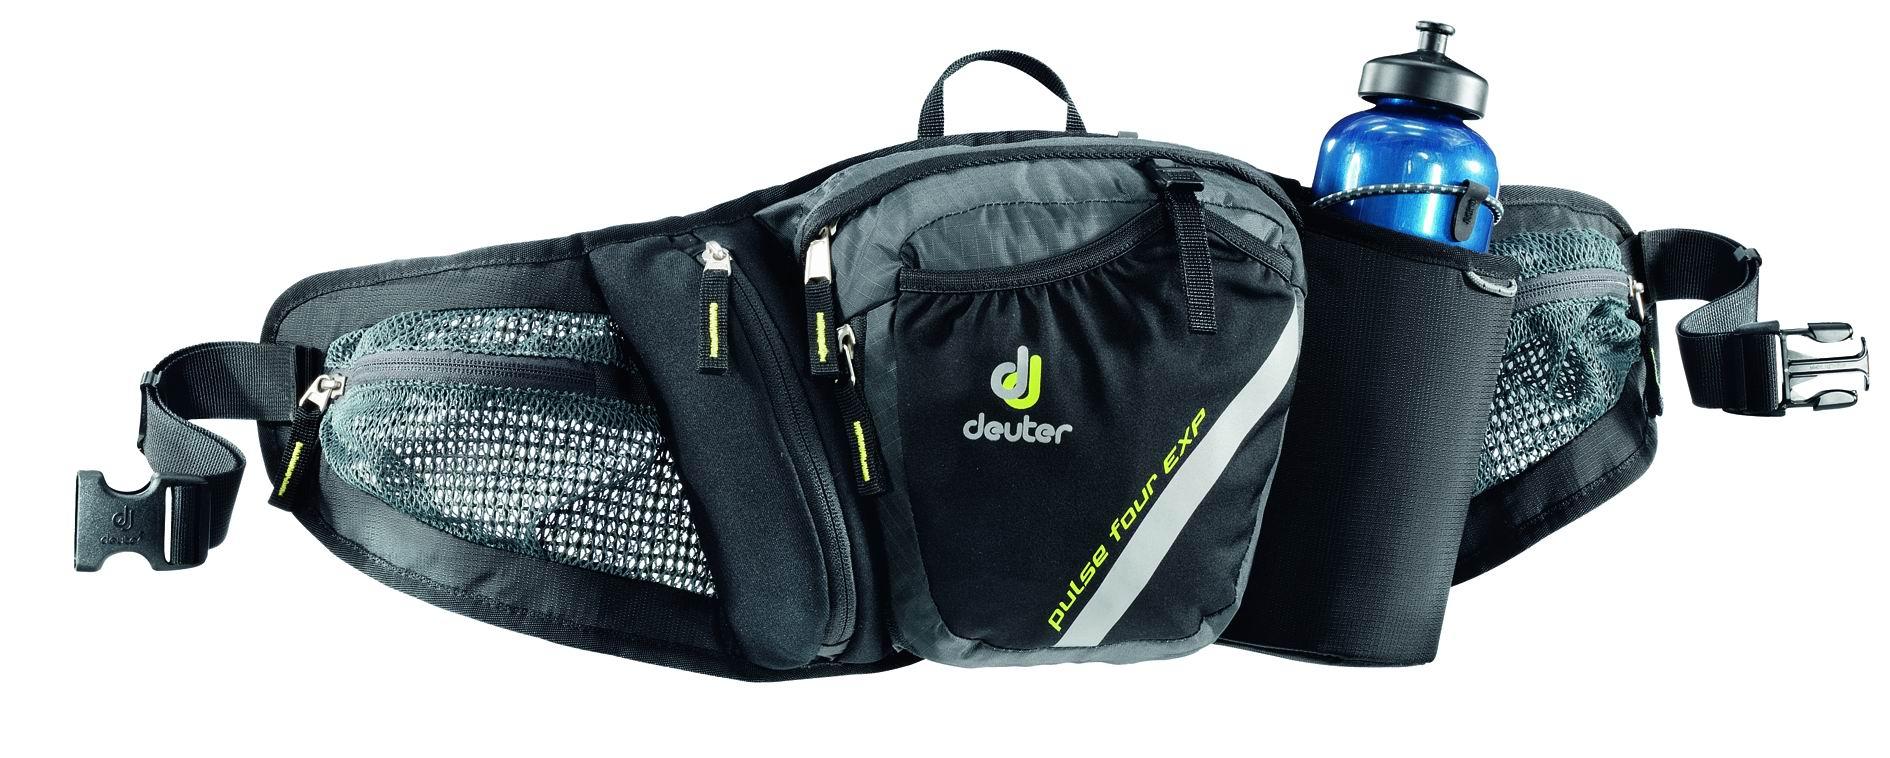 Лучшие сумки для бега на 2020 год, их достоинства и недостатки